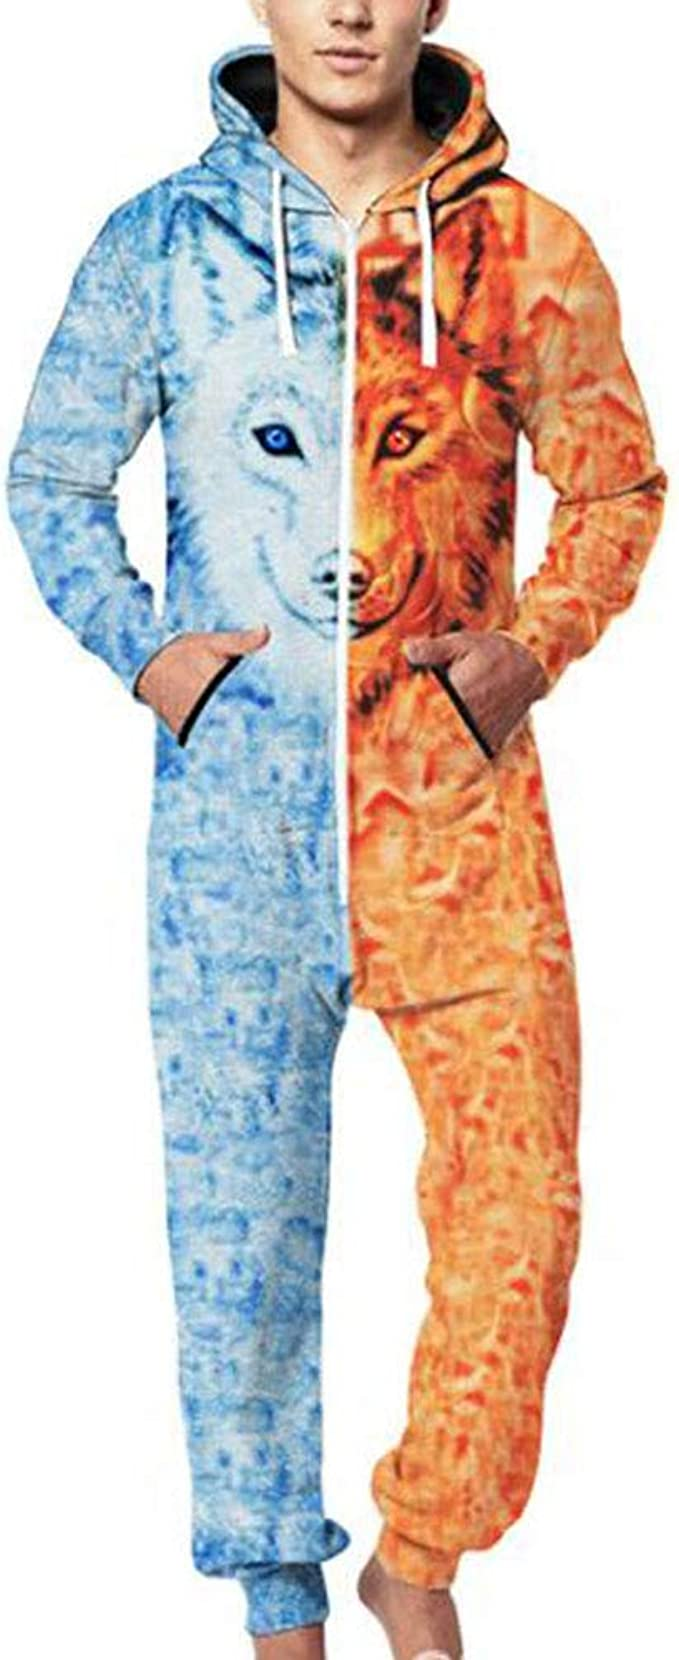 Kewing Hombres Cálido Invierno Una Pieza 3D con Capucha Mono Cremallera Pijamas De Ropa De Dormir: Amazon.es: Ropa y accesorios